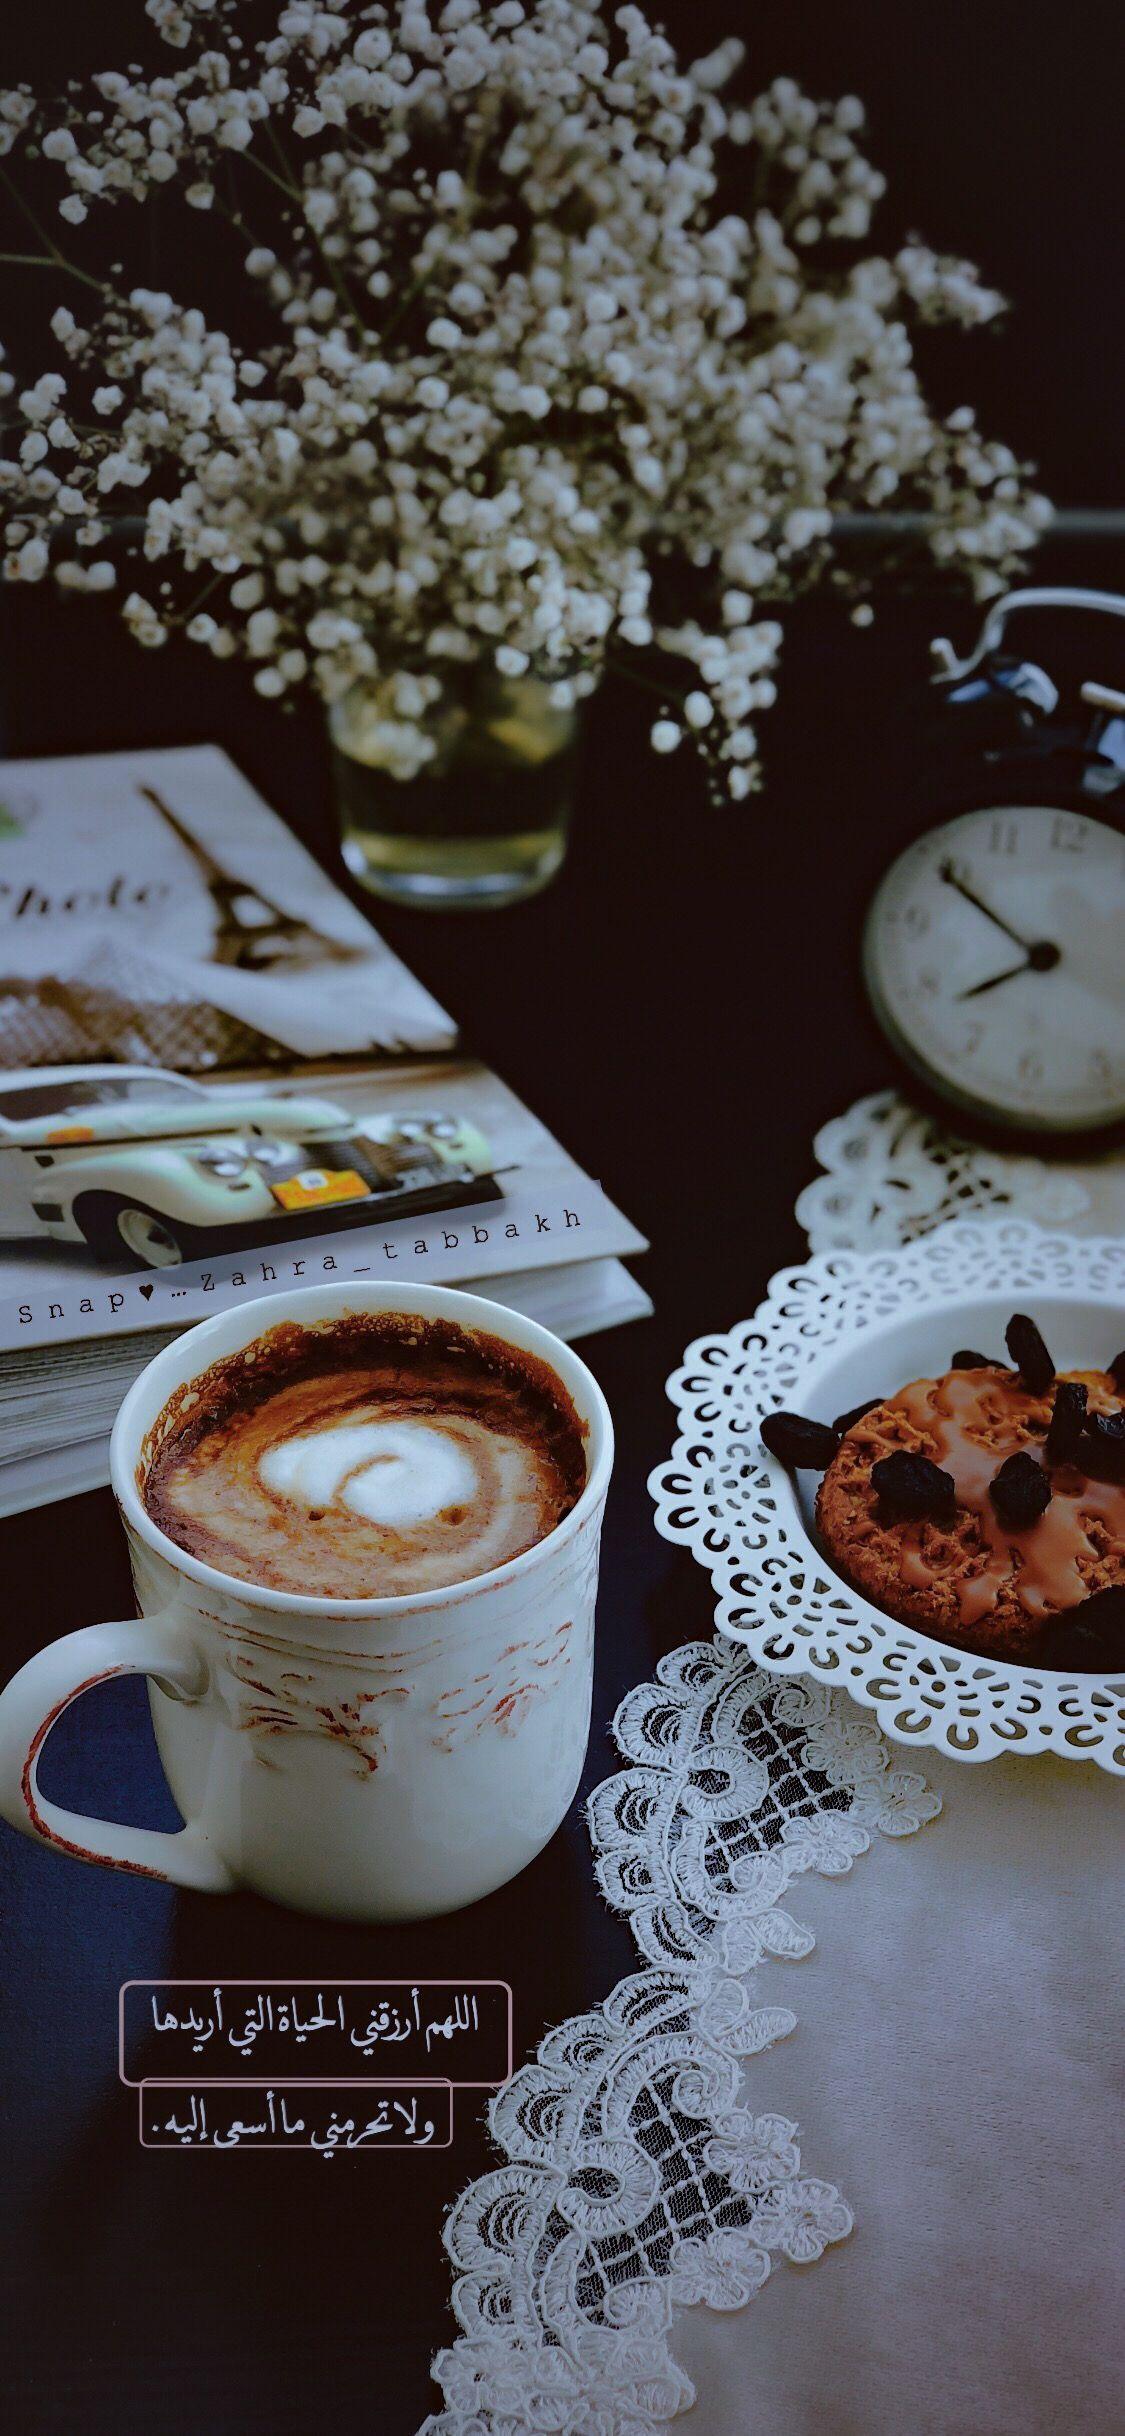 اقتباسات خواطر كلام جميل كلماتي قهوتي قهوةالصباح قهوةالمساء قهوة Photography Wallpaper Coffee Cafe Instagram Story Ideas